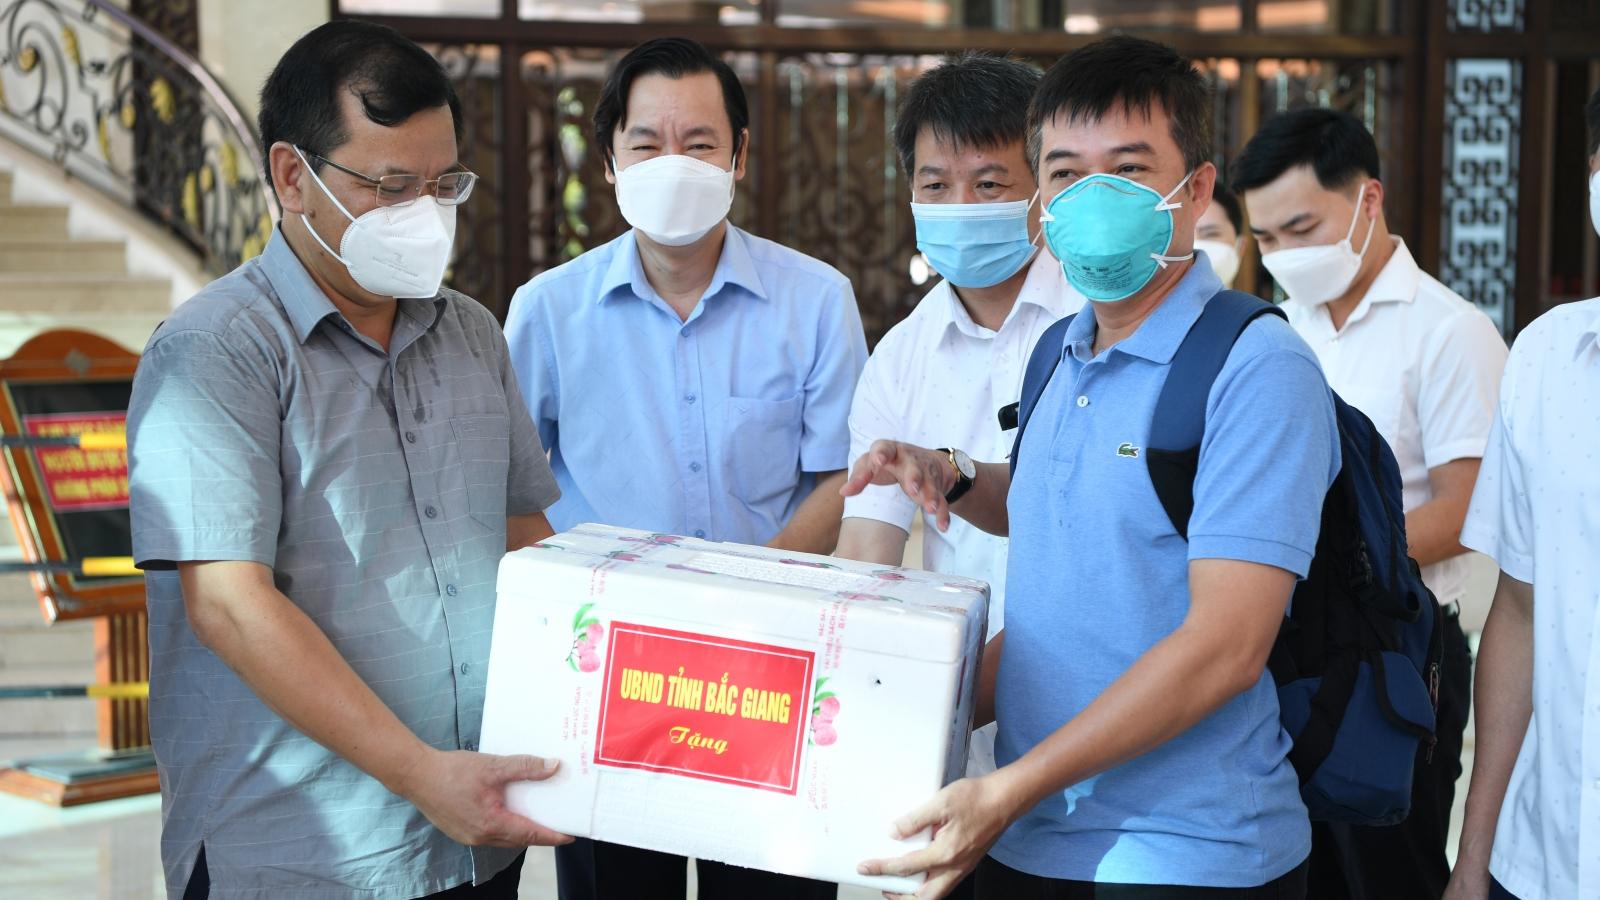 Đội phản ứng nhanhBệnh viện Chợ Rẫy chia tay Bắc Giang trở về TP.HCM chống dịch